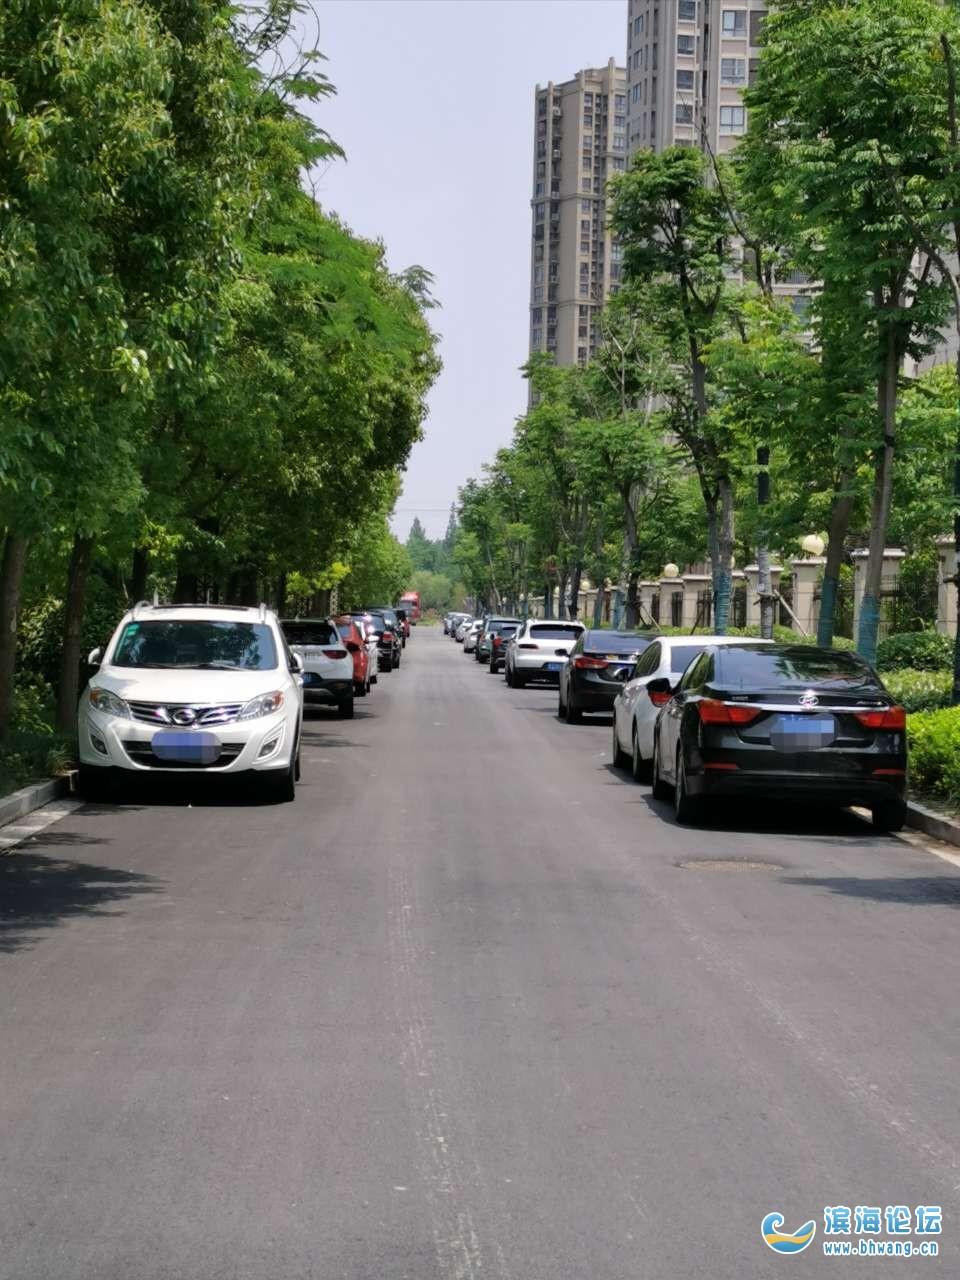 水韵新城、博士苑西门多么好的路竟然成了停车场!